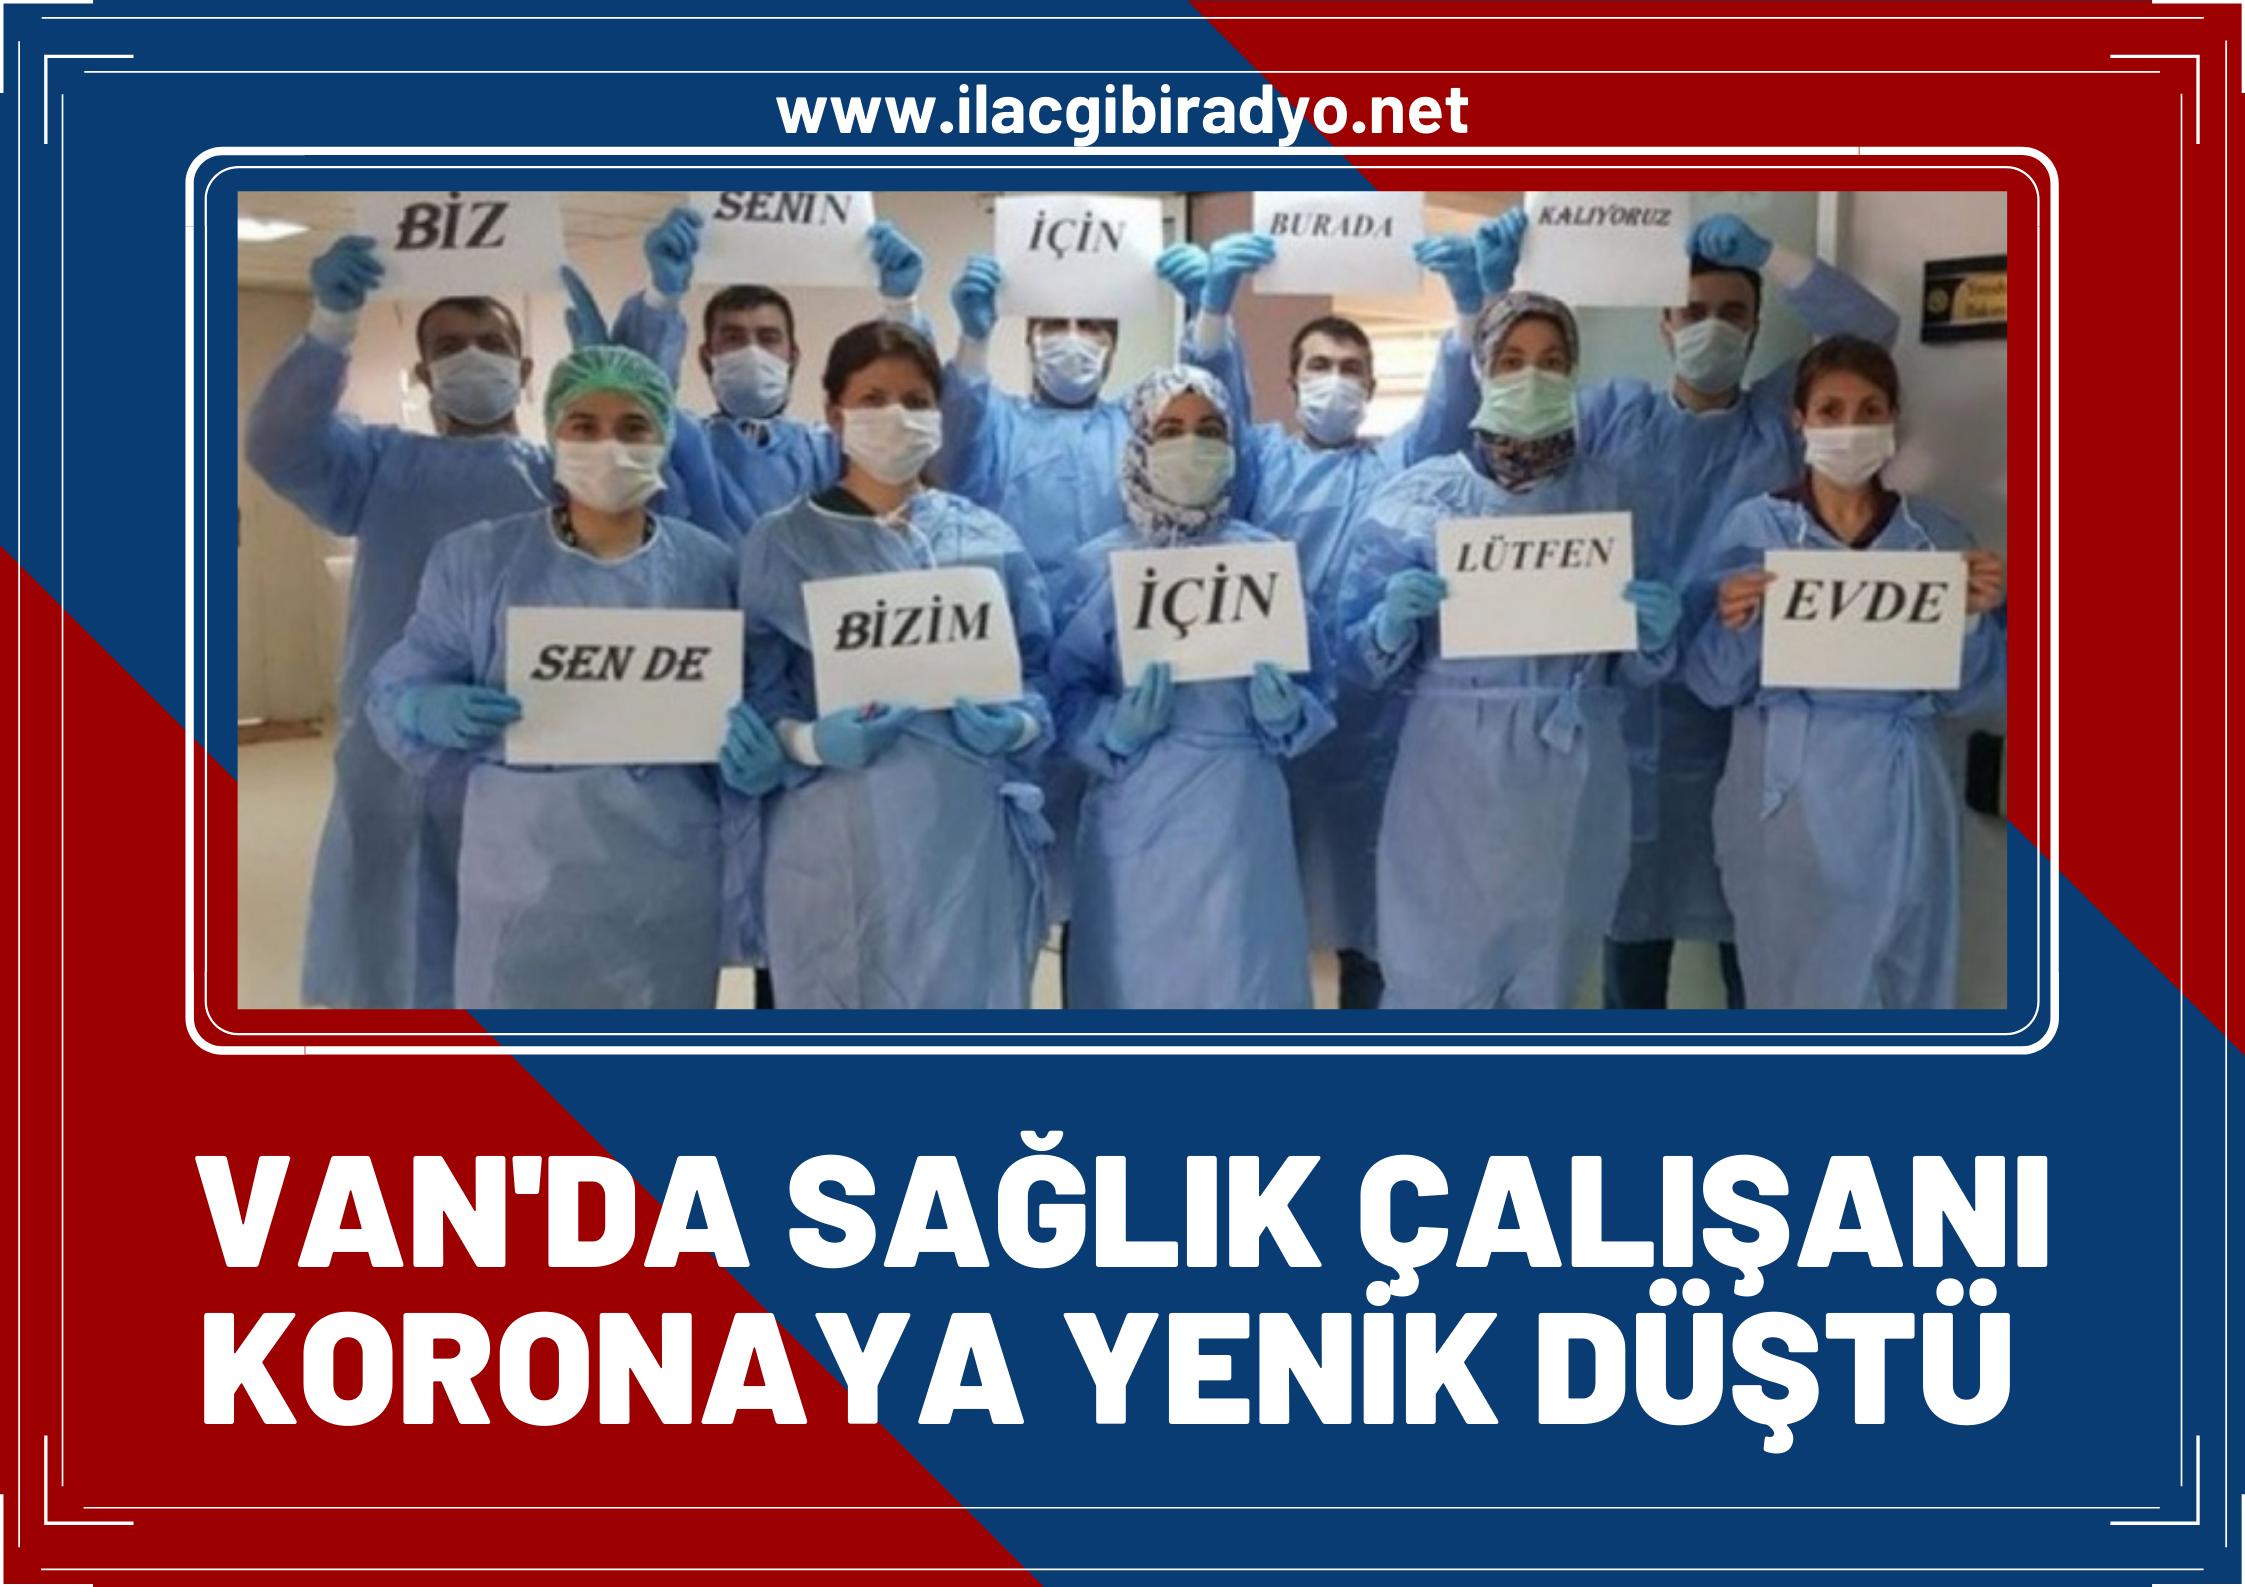 Van'da koronavirüsten bir sağlık çalışanı hayatını kaybetti!